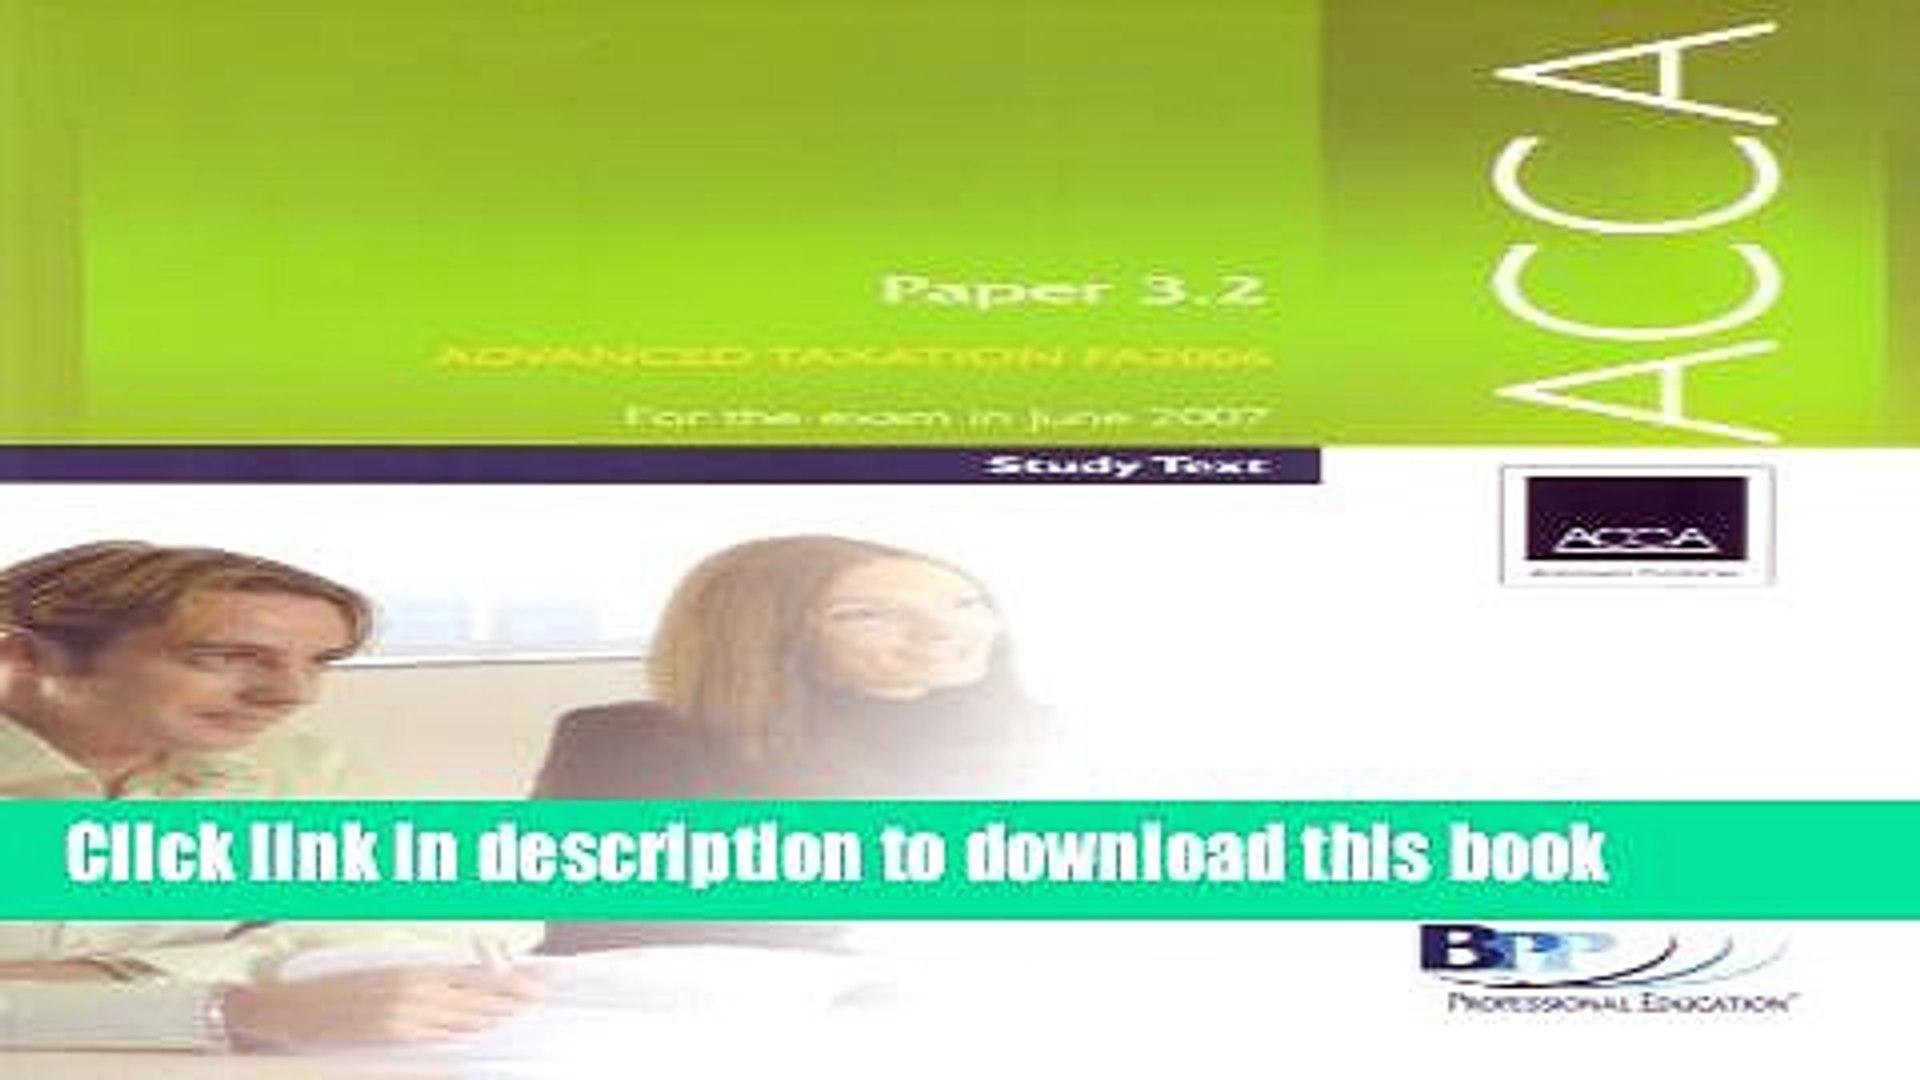 [Popular] ACCA Paper 3.2 Advanced Taxation FA 2006 2006 Kindle Free